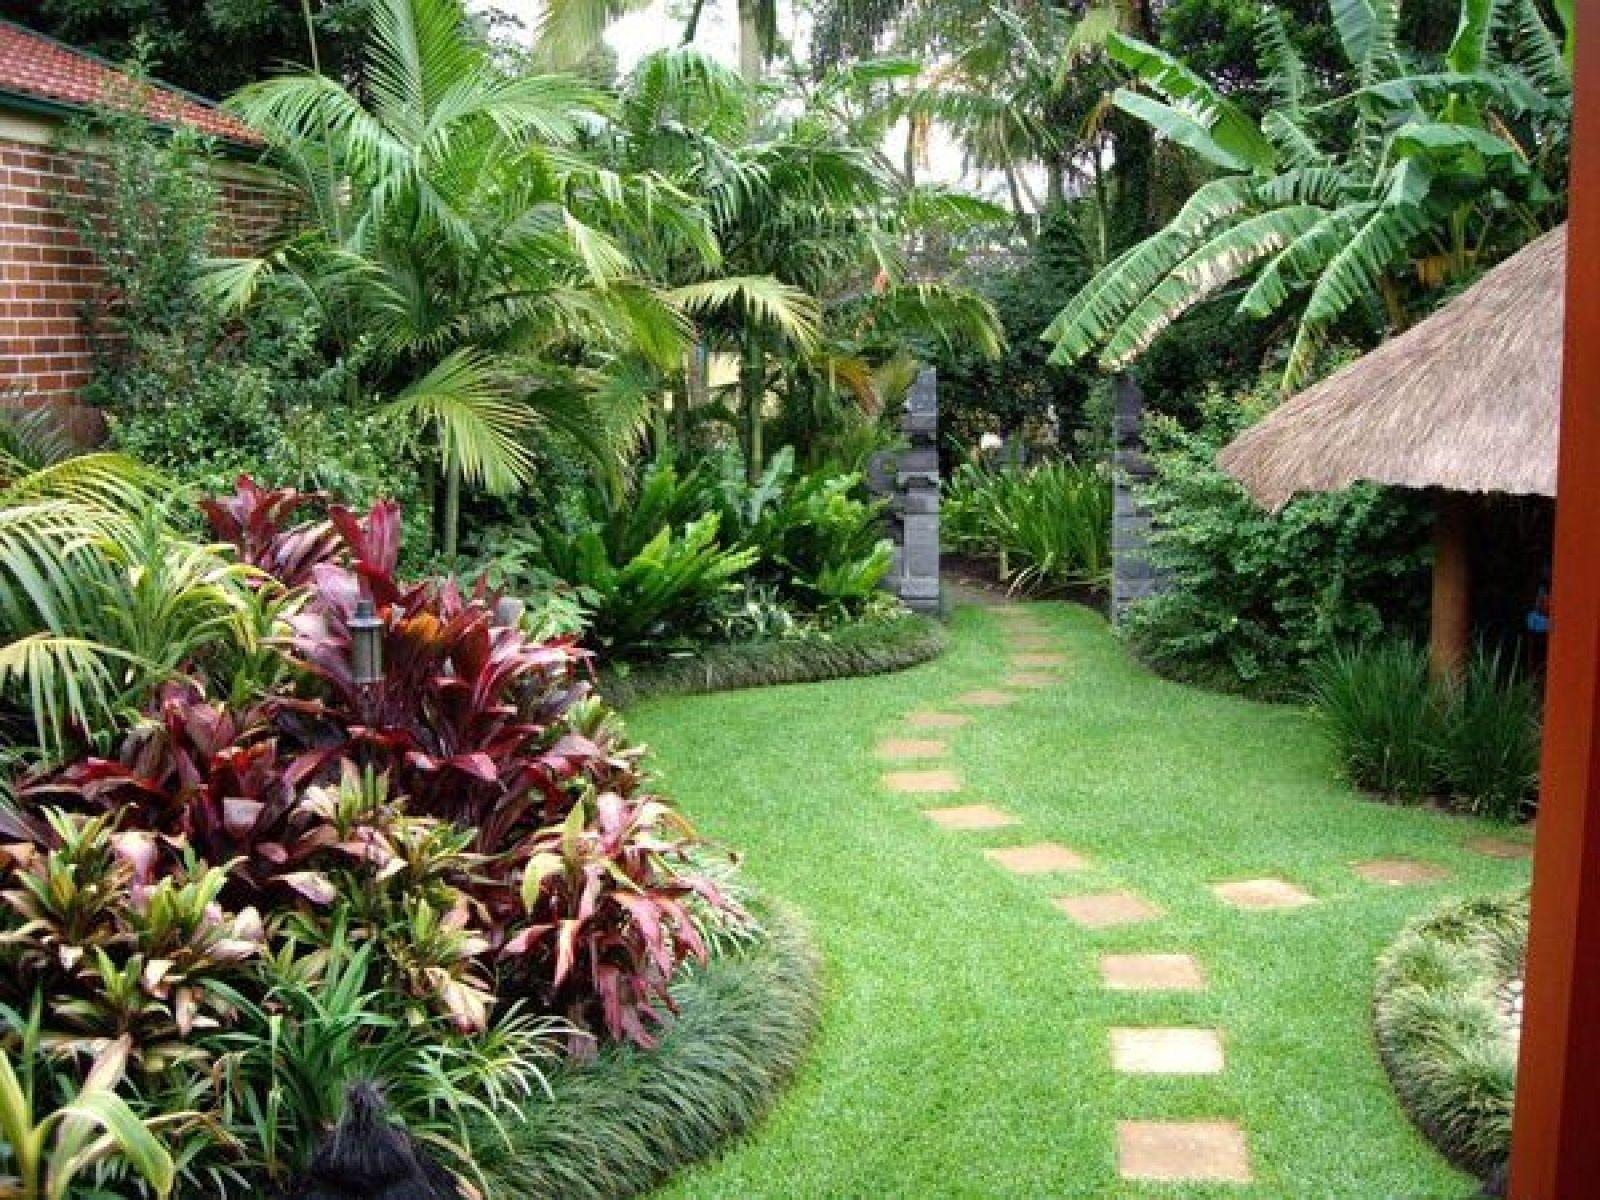 Recopilaci n de jardines tropicales tan bellos que for Casas diseno jardines tropicales